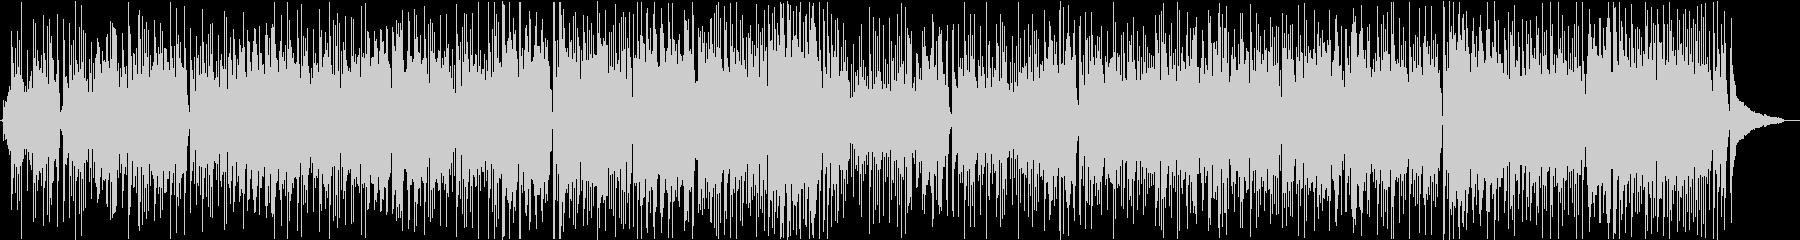 ほのぼの ボサノバ調の日常シーン向けの未再生の波形